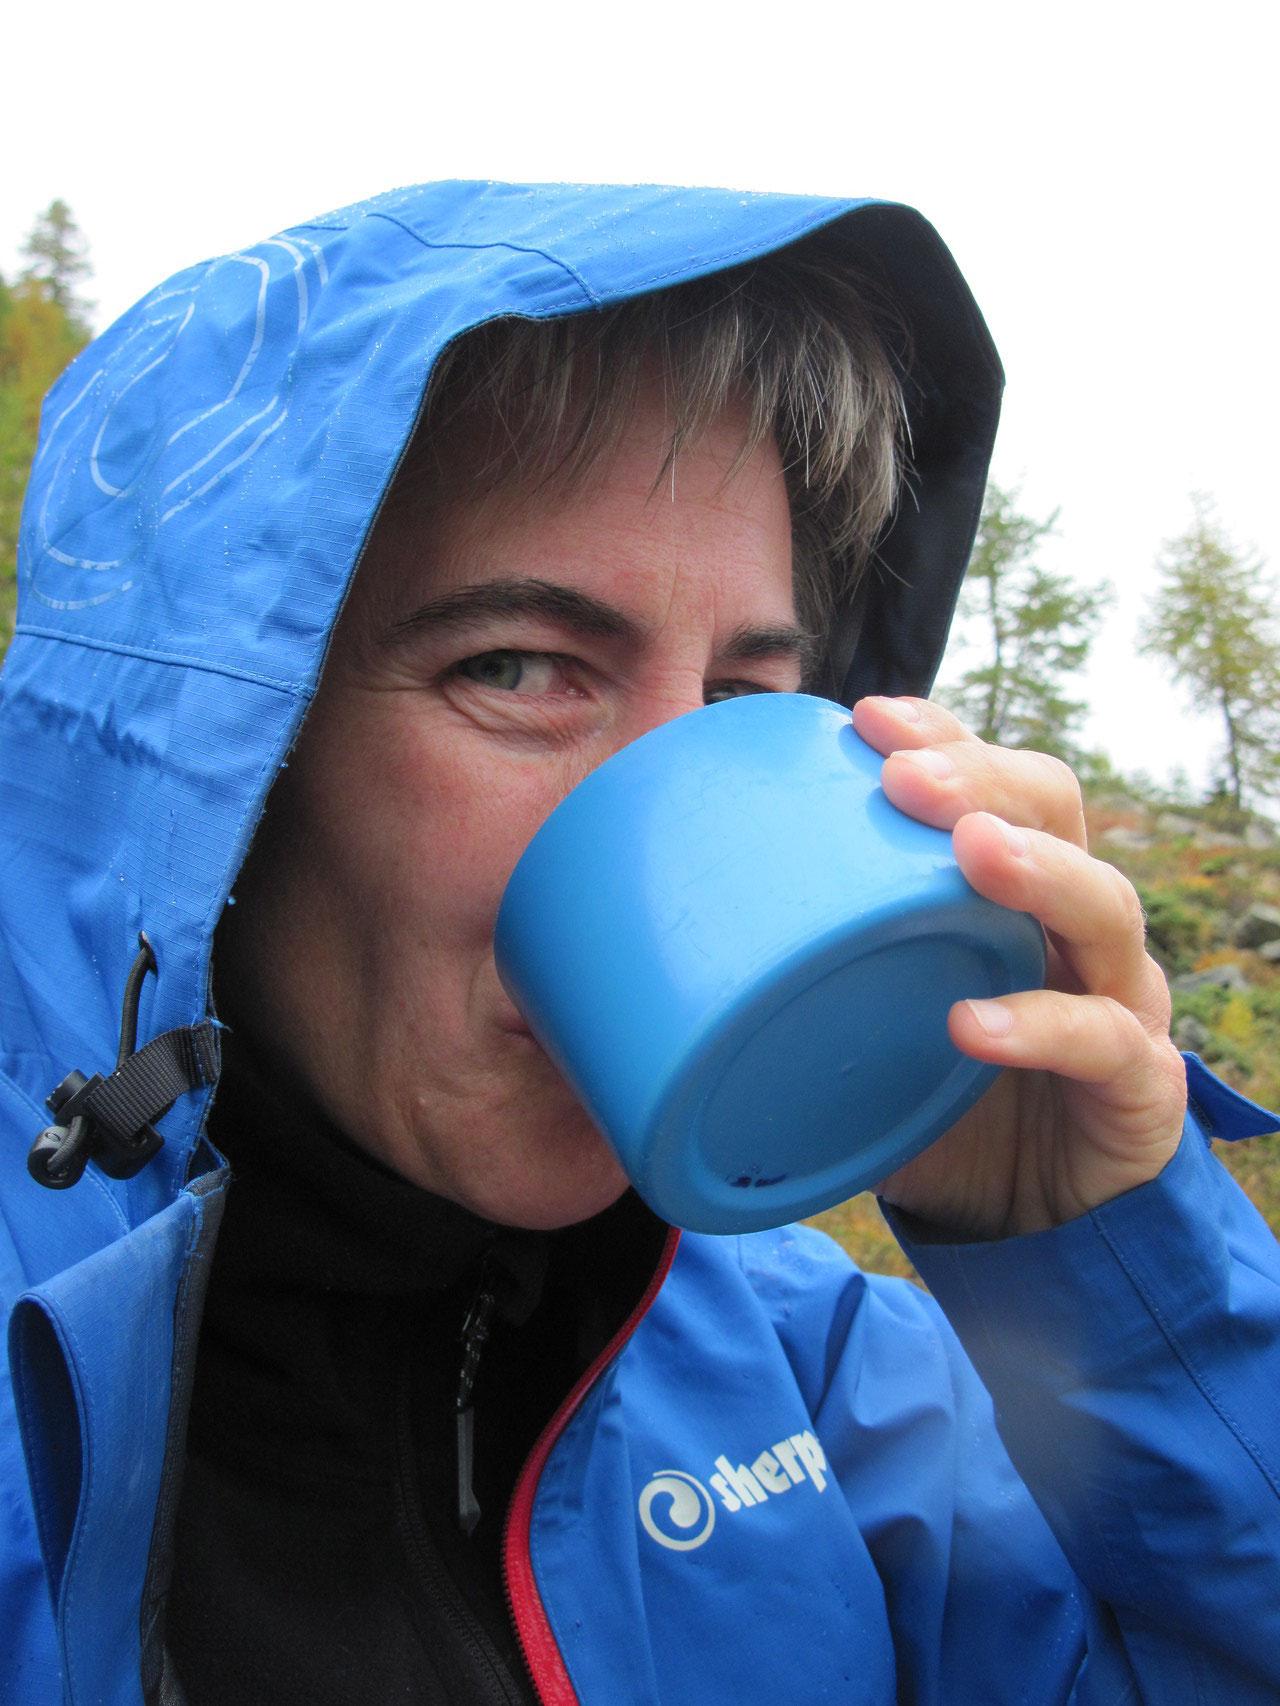 Es ist kühl geworden...zum Glück gibt es heissen Tee!